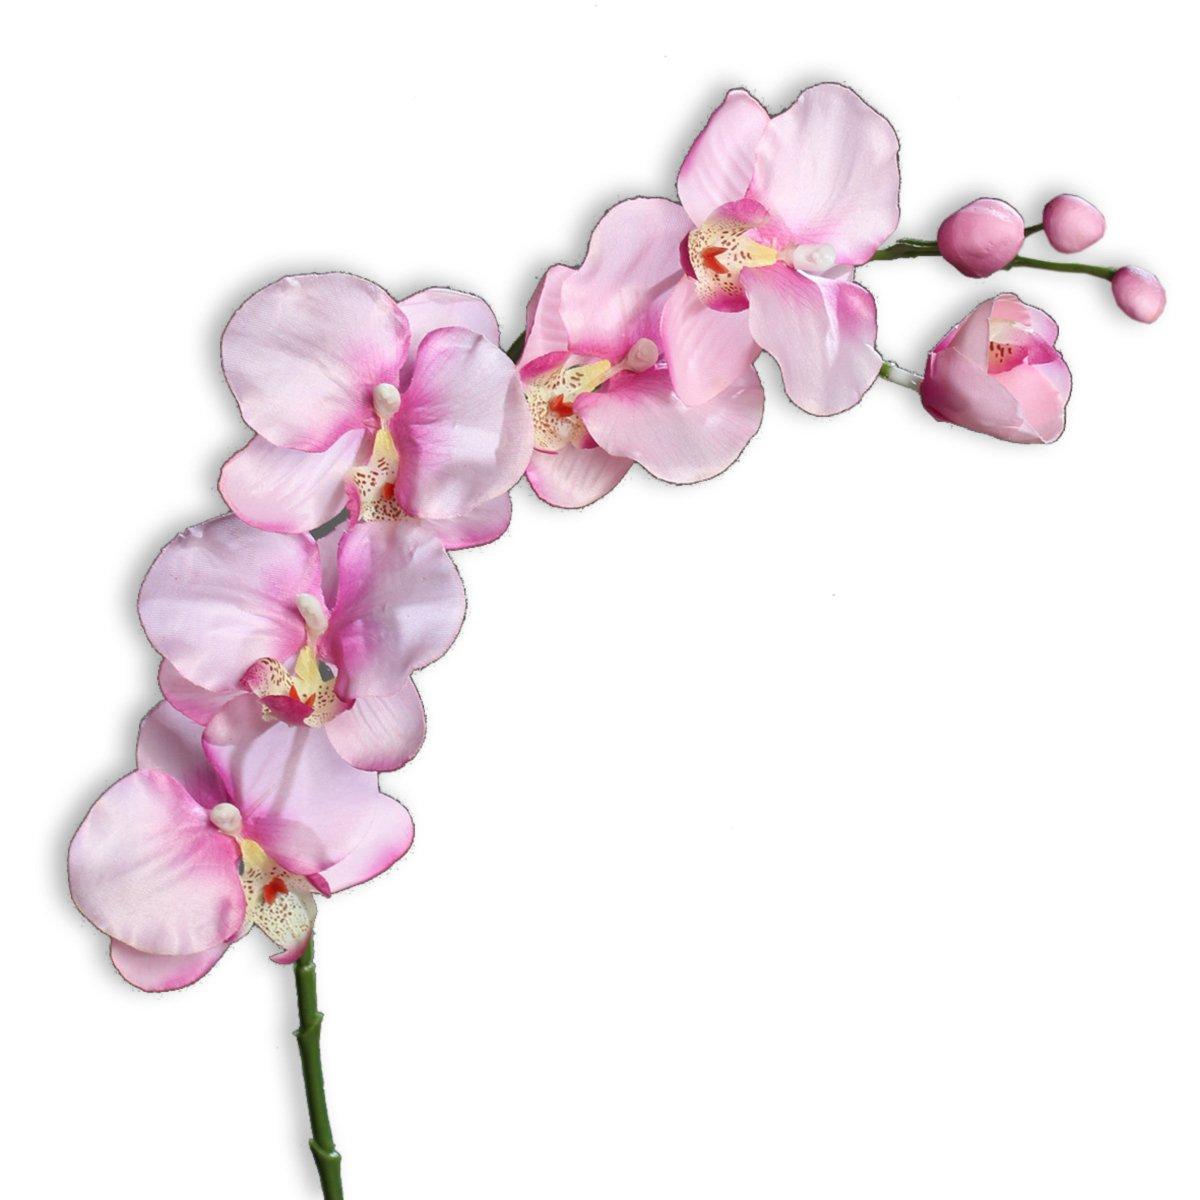 Orchidee - rosa - 6 Blüten - 72 cm